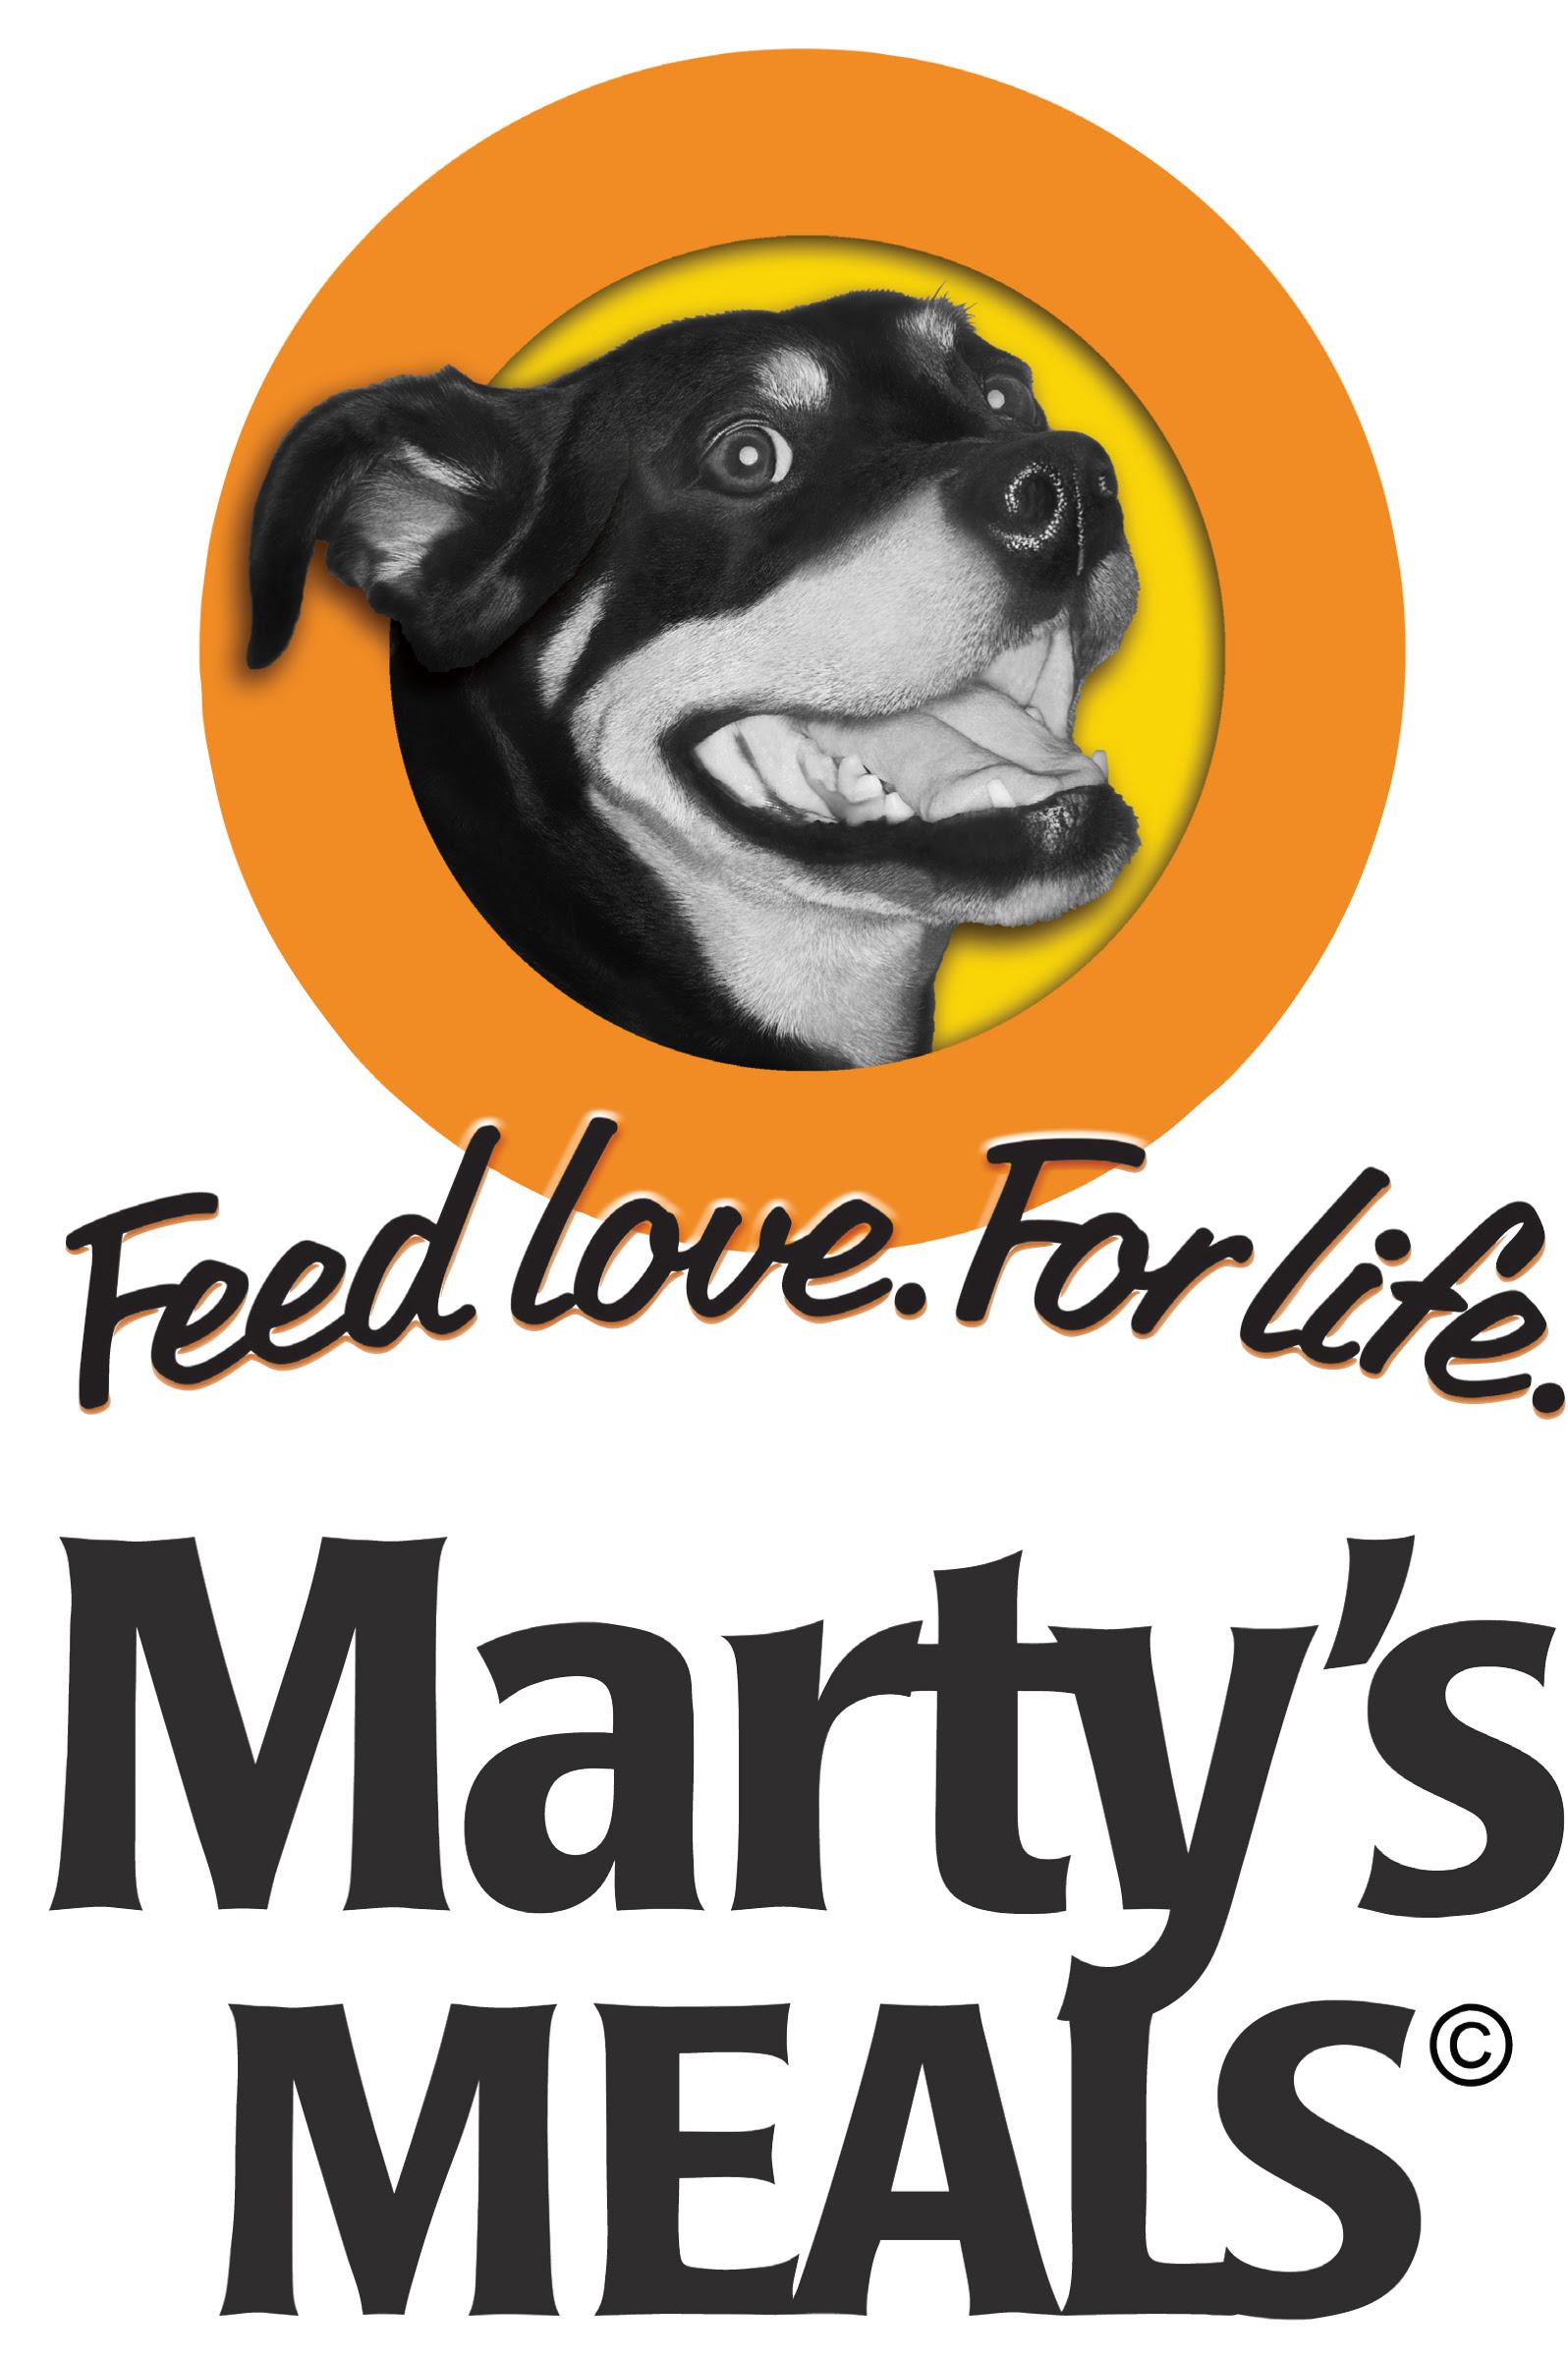 MARTY'S MEALS# LOCATION:  #2750 GLENWOOD DR. SUITE 3 # BOULDER, CO 80304  #303.442.0777